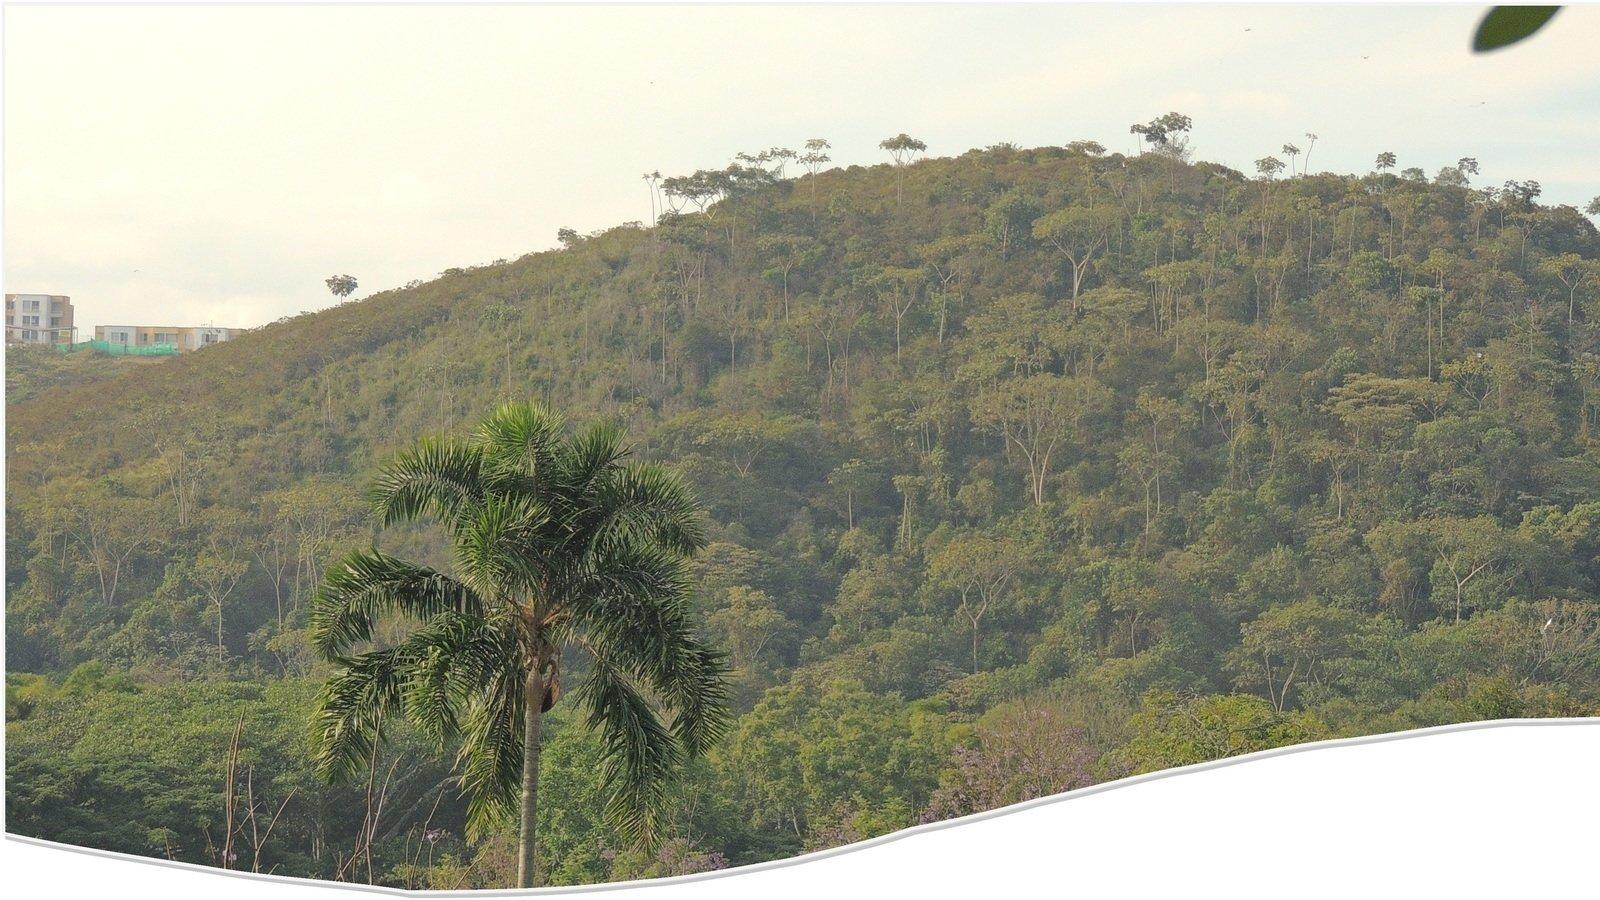 Que viva el Cerro El Morro - VYnoVOCluwEewgX-1600x900-noPad